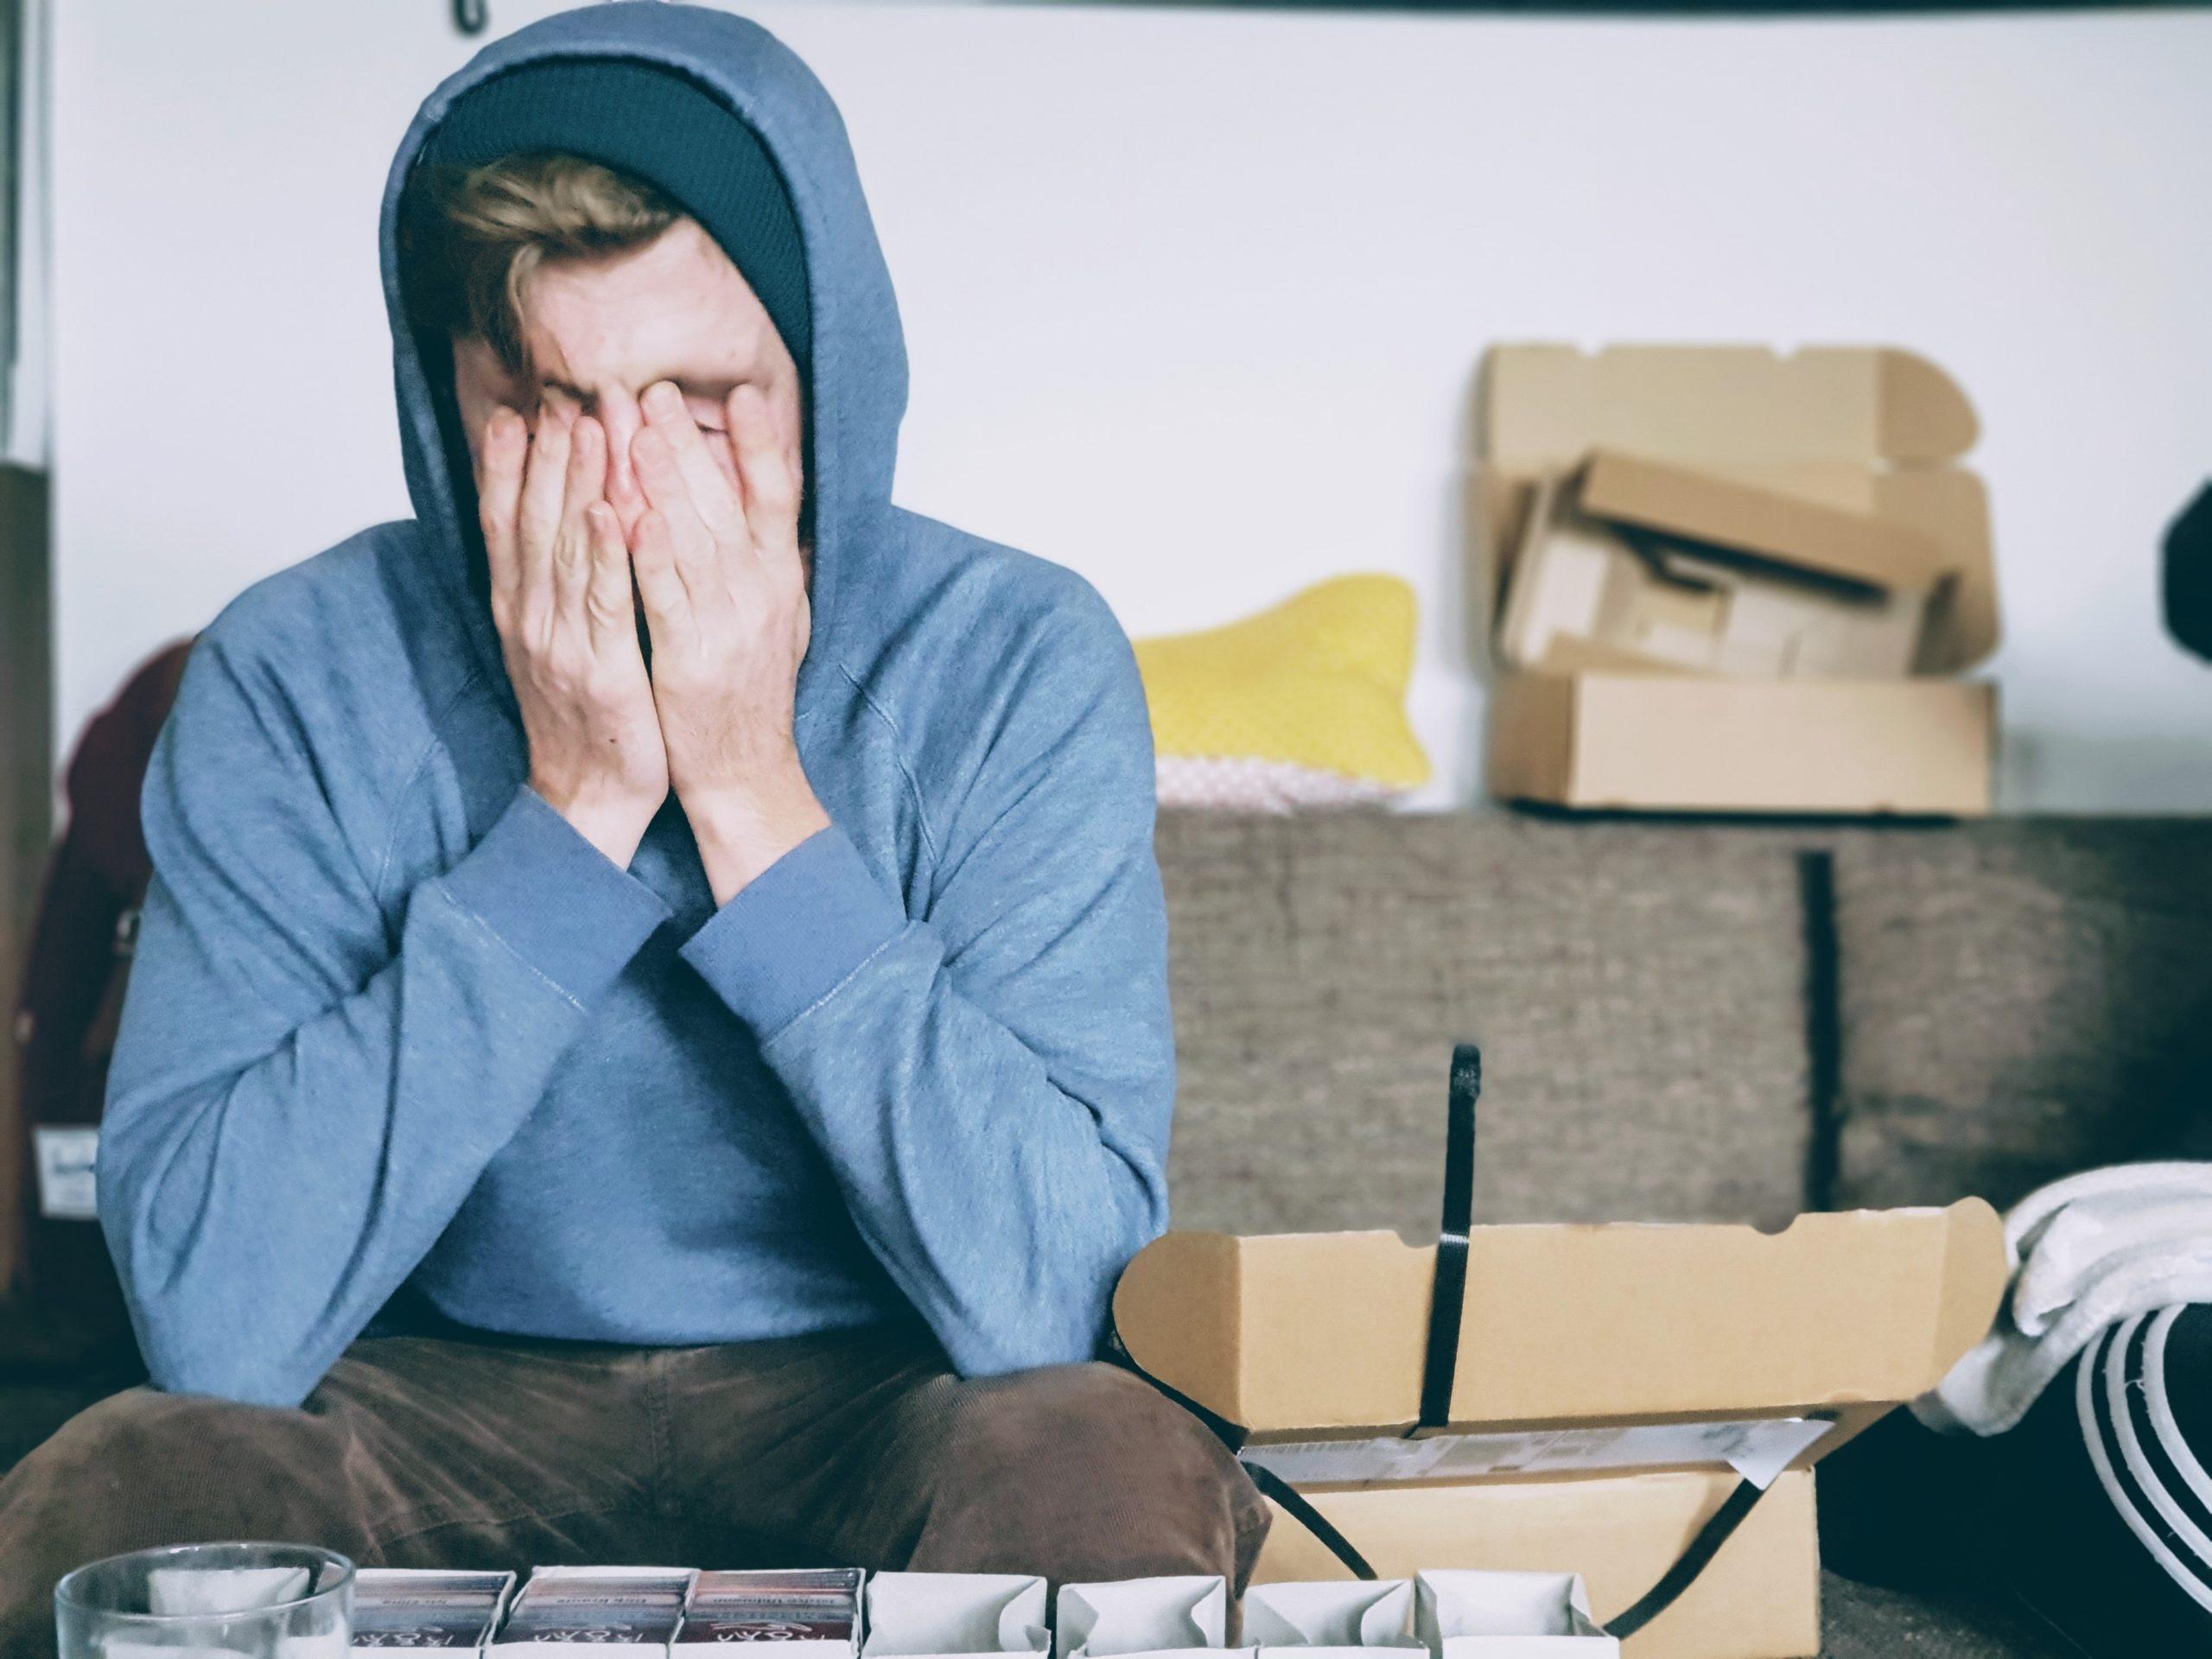 仕事で怒られてばかりの理由4選【理不尽に怒る人向けの対策も解説】